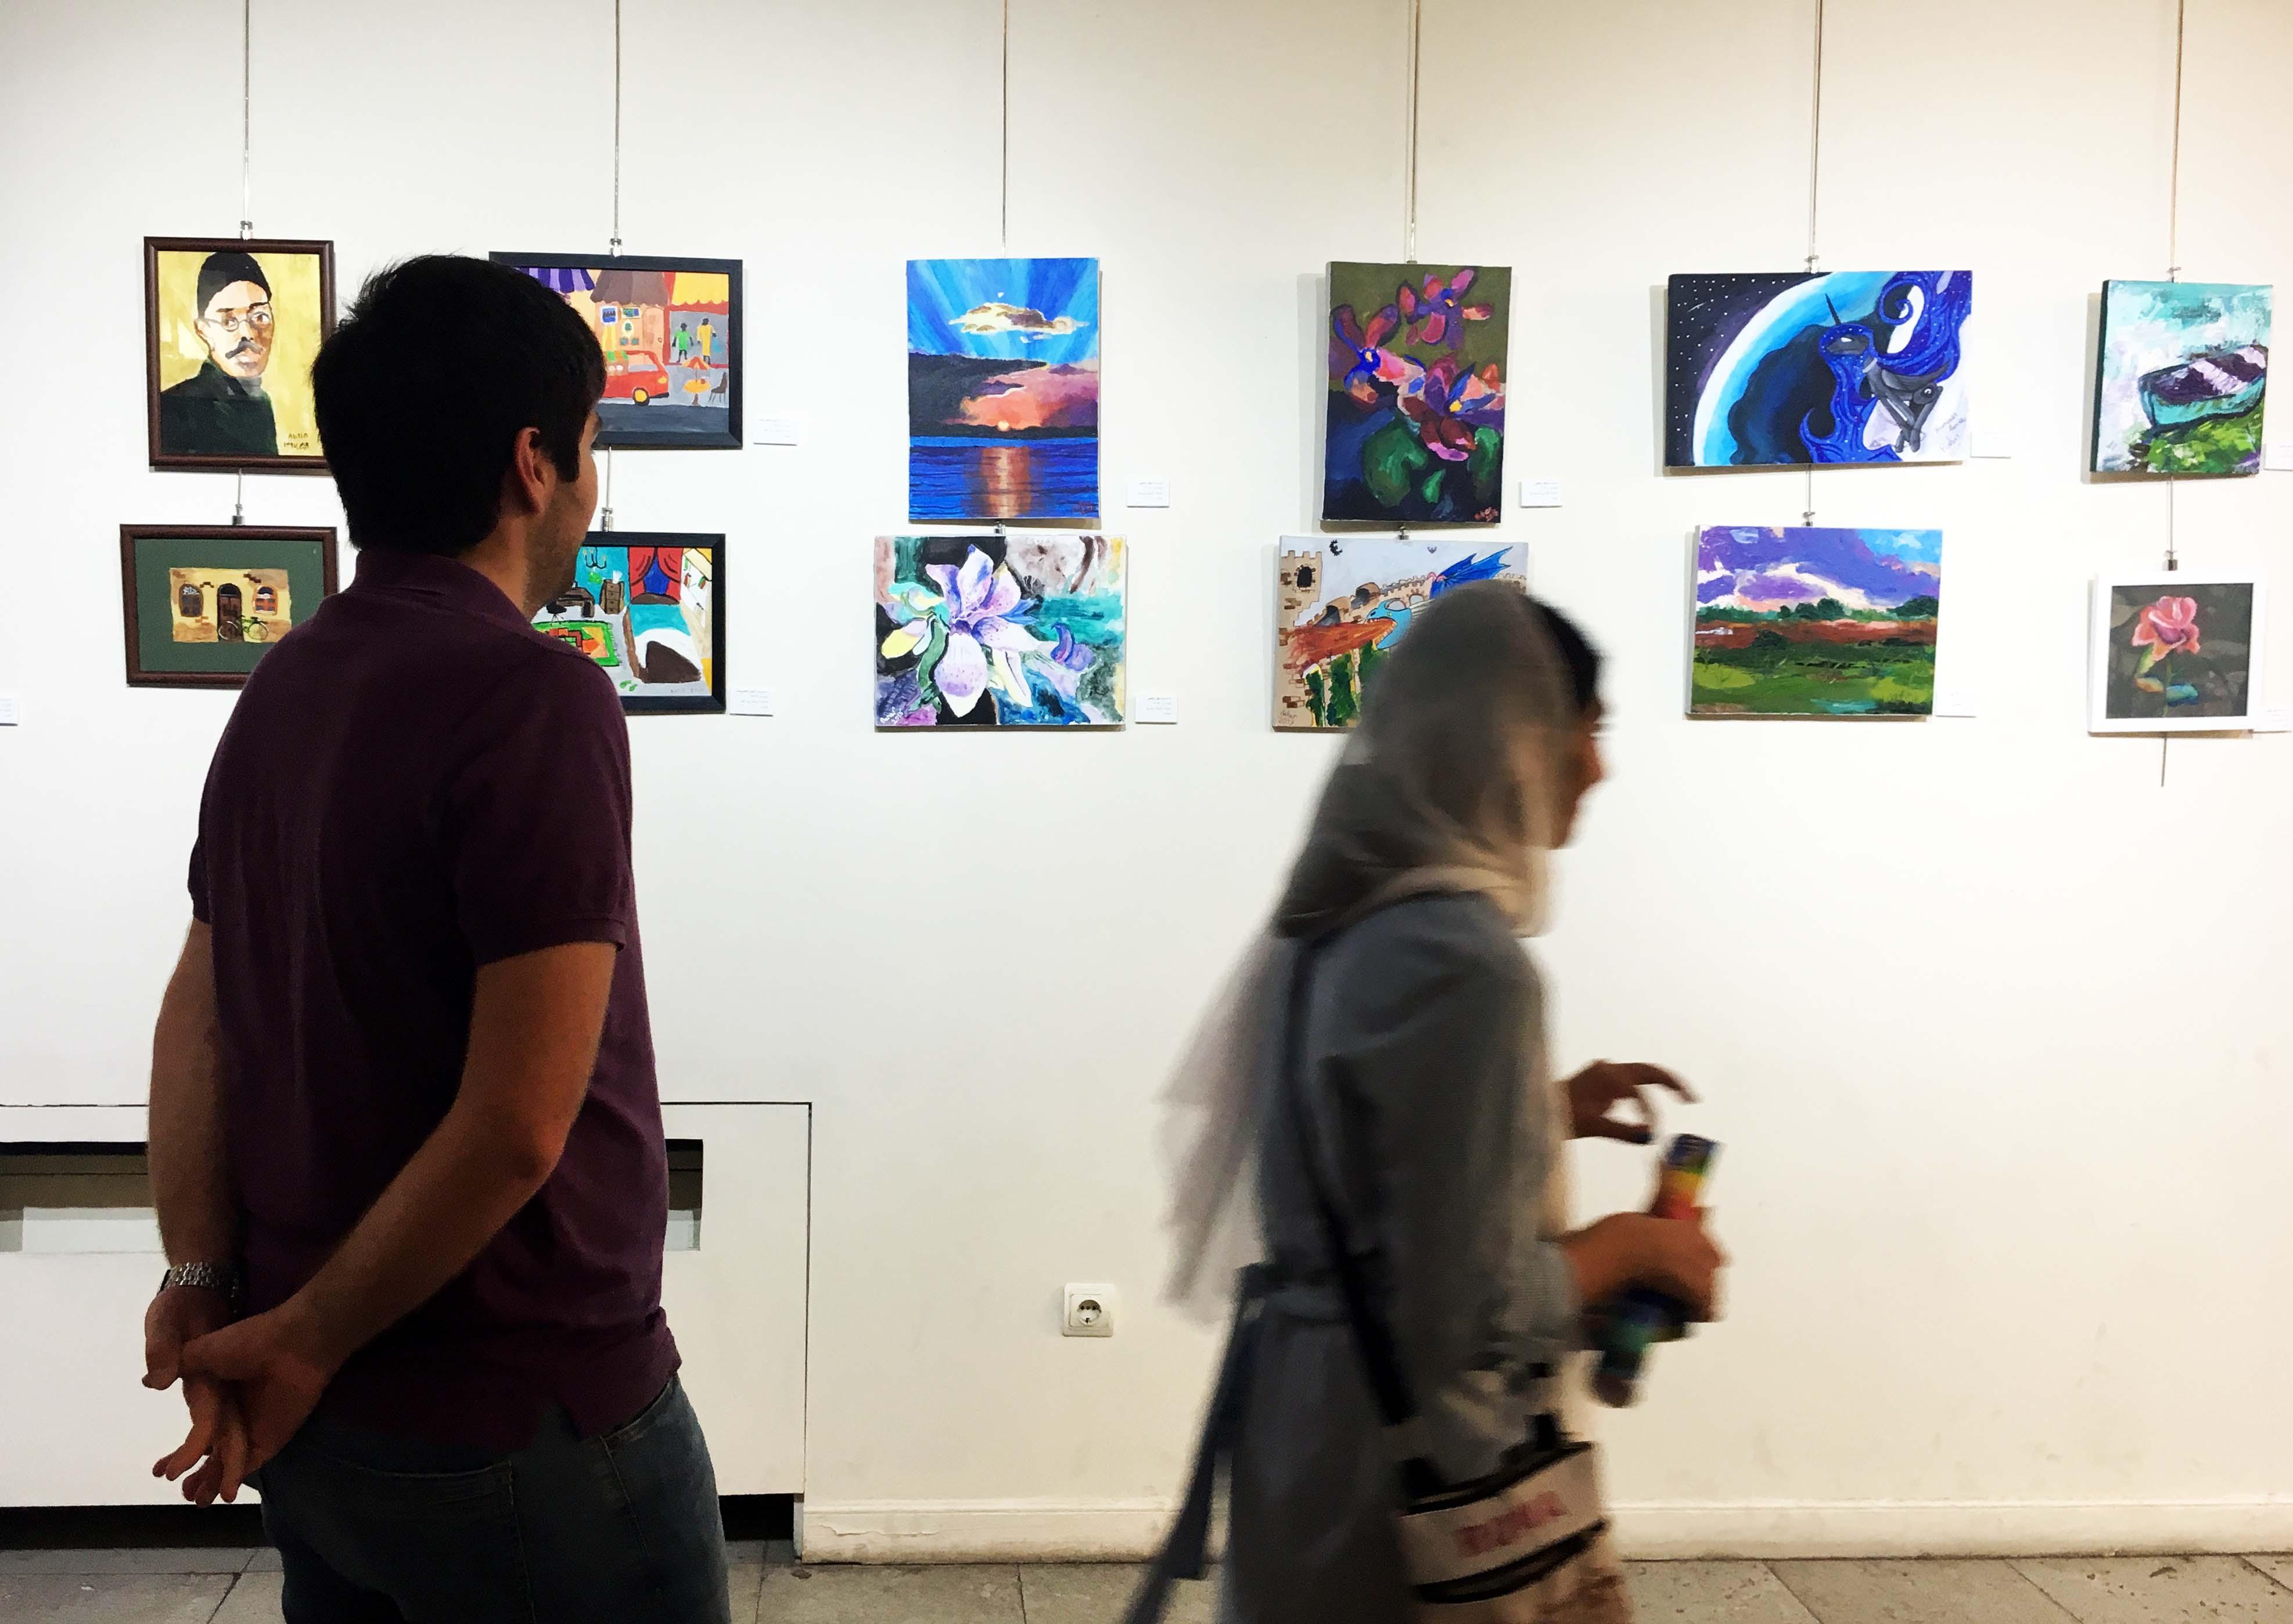 گزارش تصویری نمایشگاه گروهی خیال نو در فرهنگسرای ارسباران